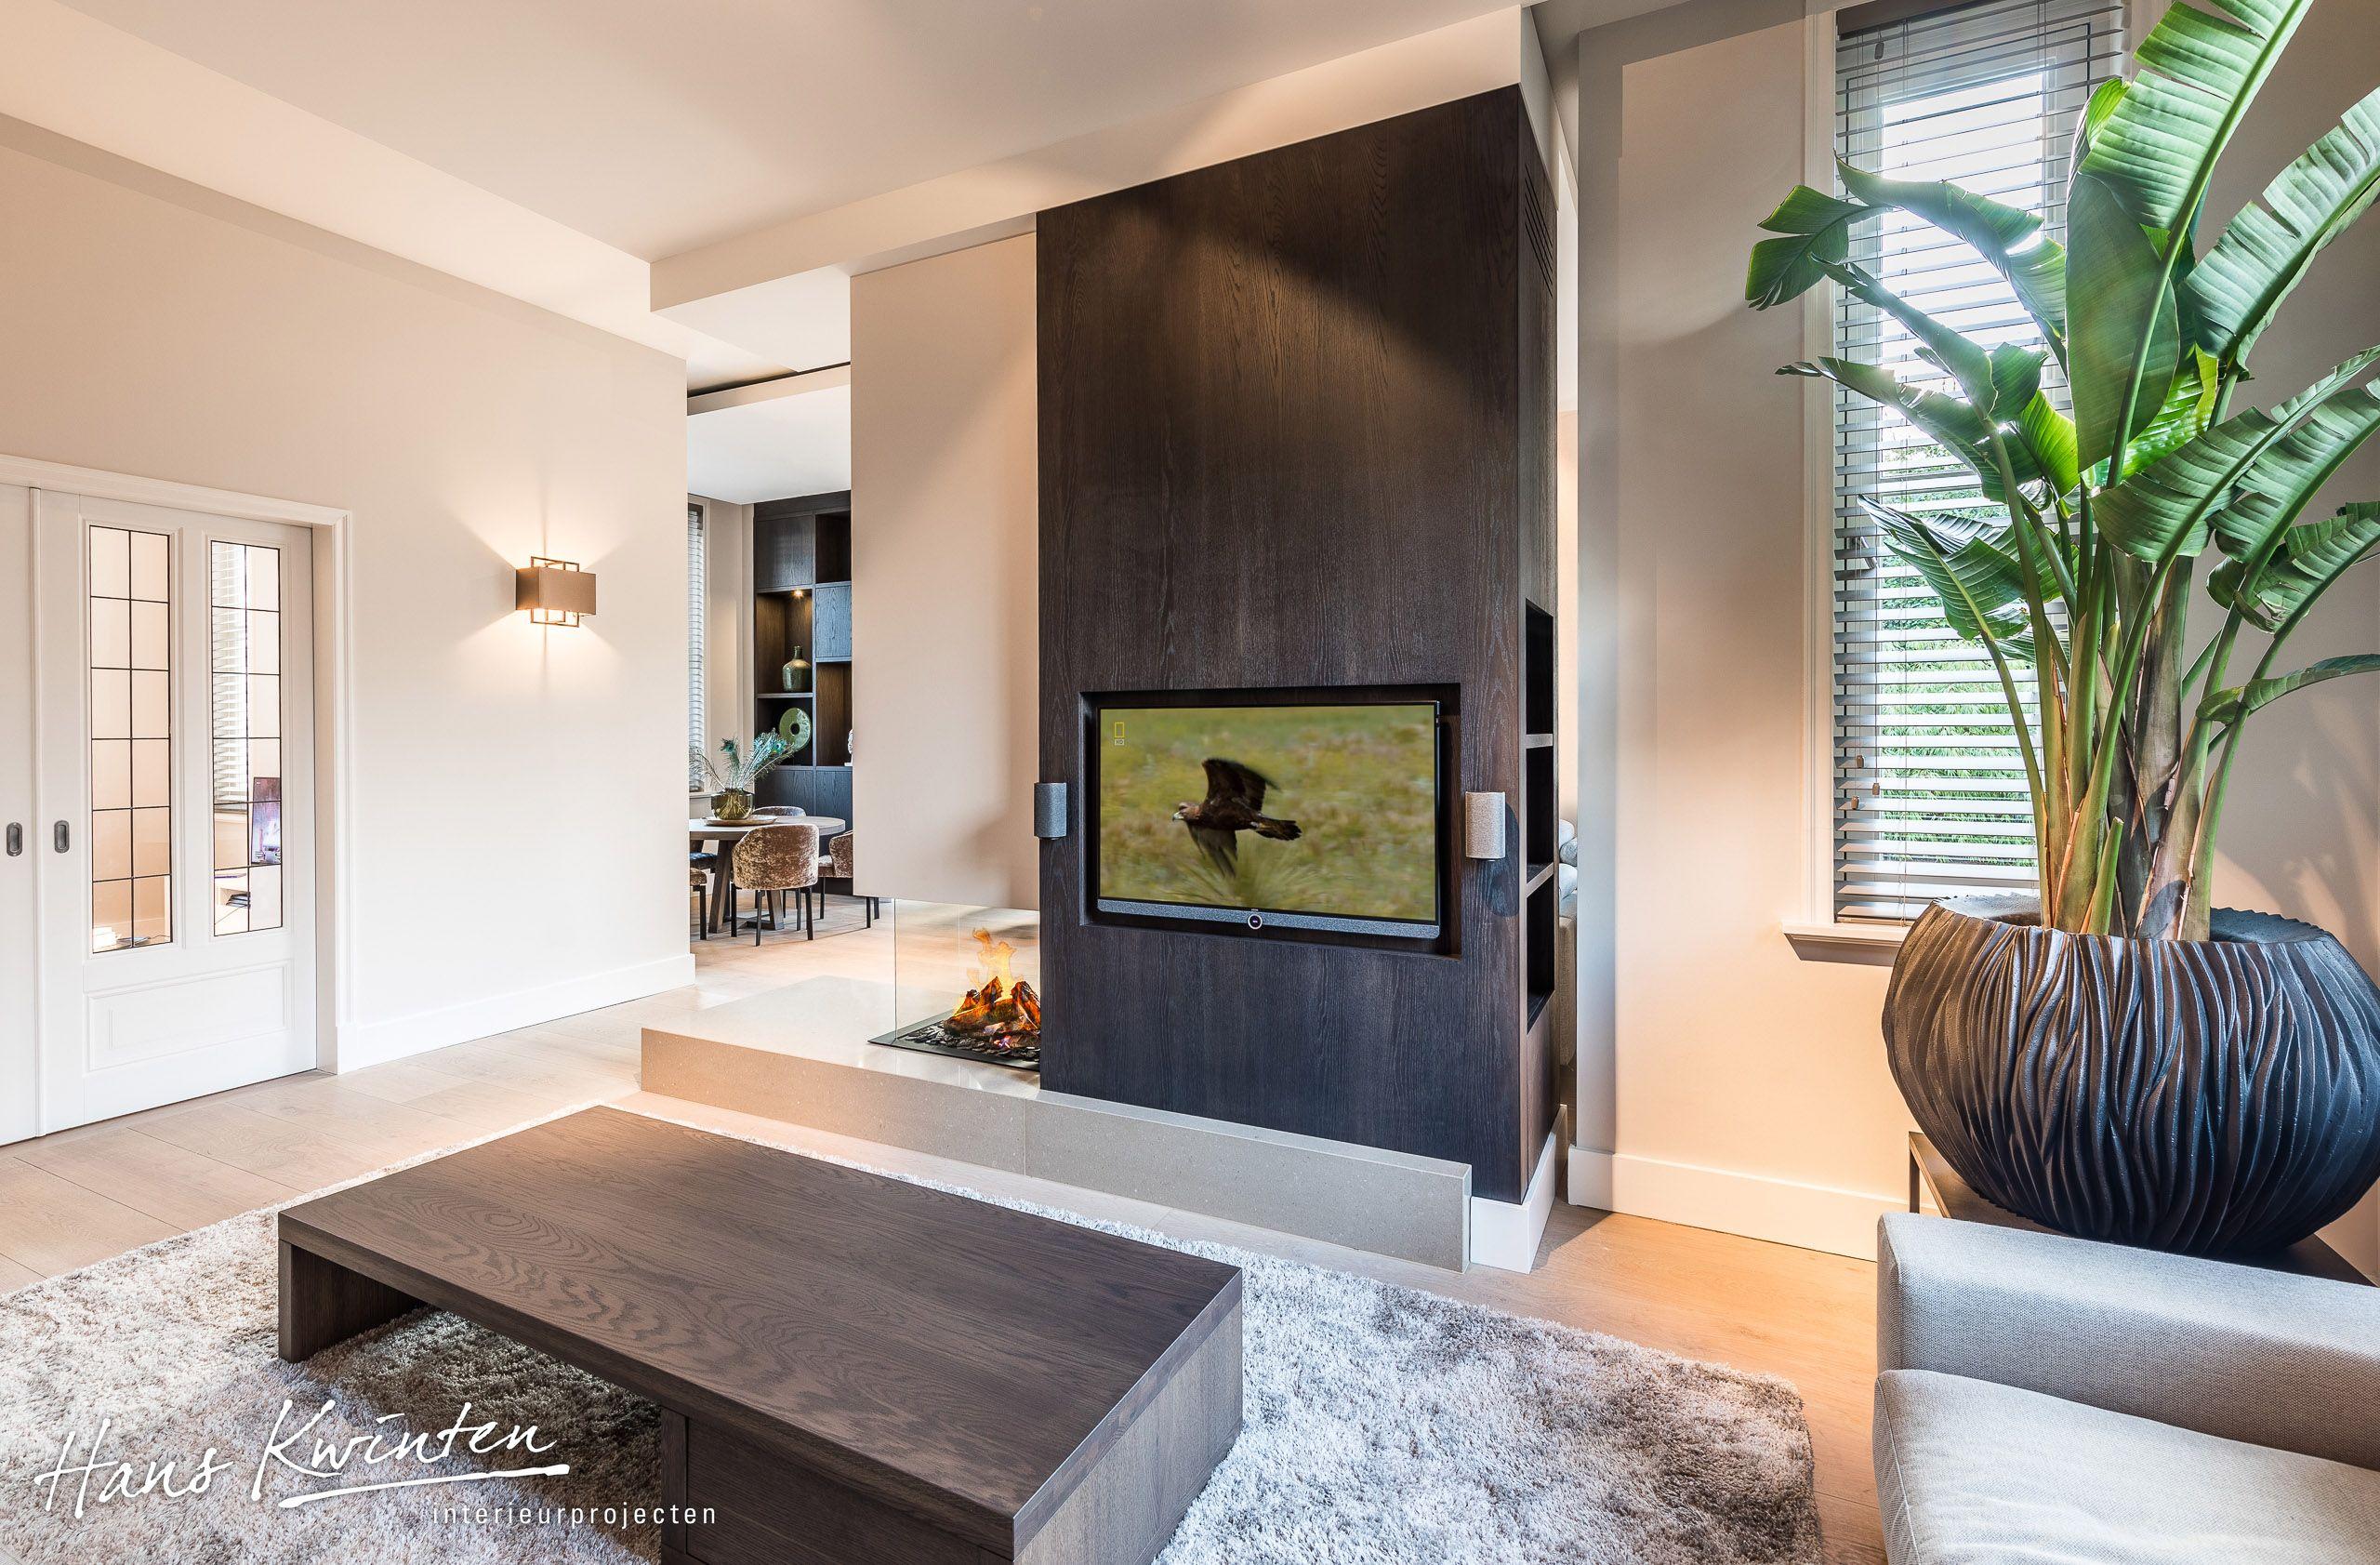 Hans Kwinten Interieurprojecten in Bergeijk. Maatwerk | meubels ...